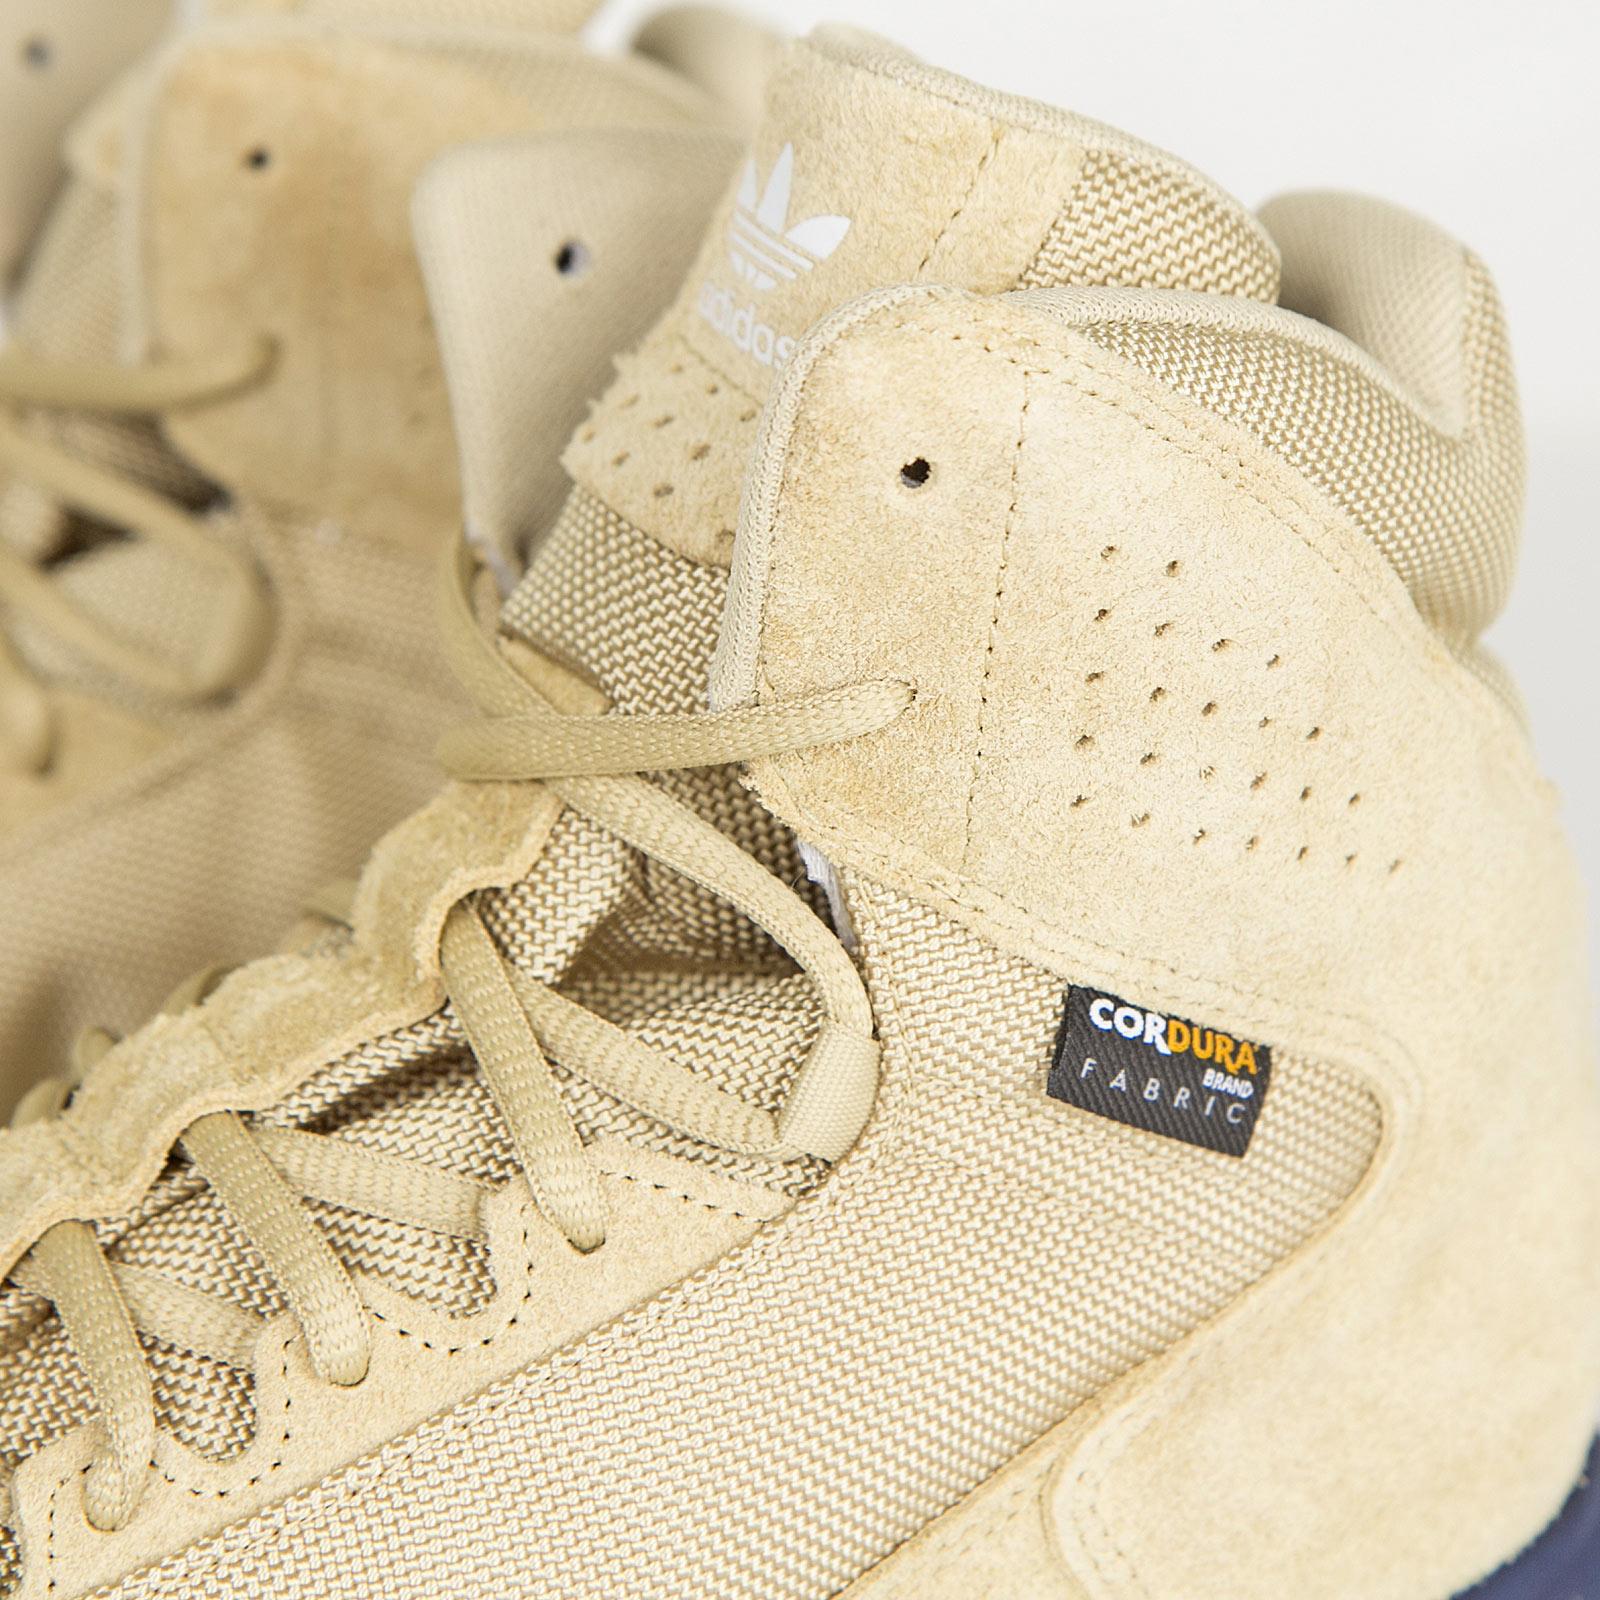 629ee2e79685 adidas gsg9 brown adidas outlet napa